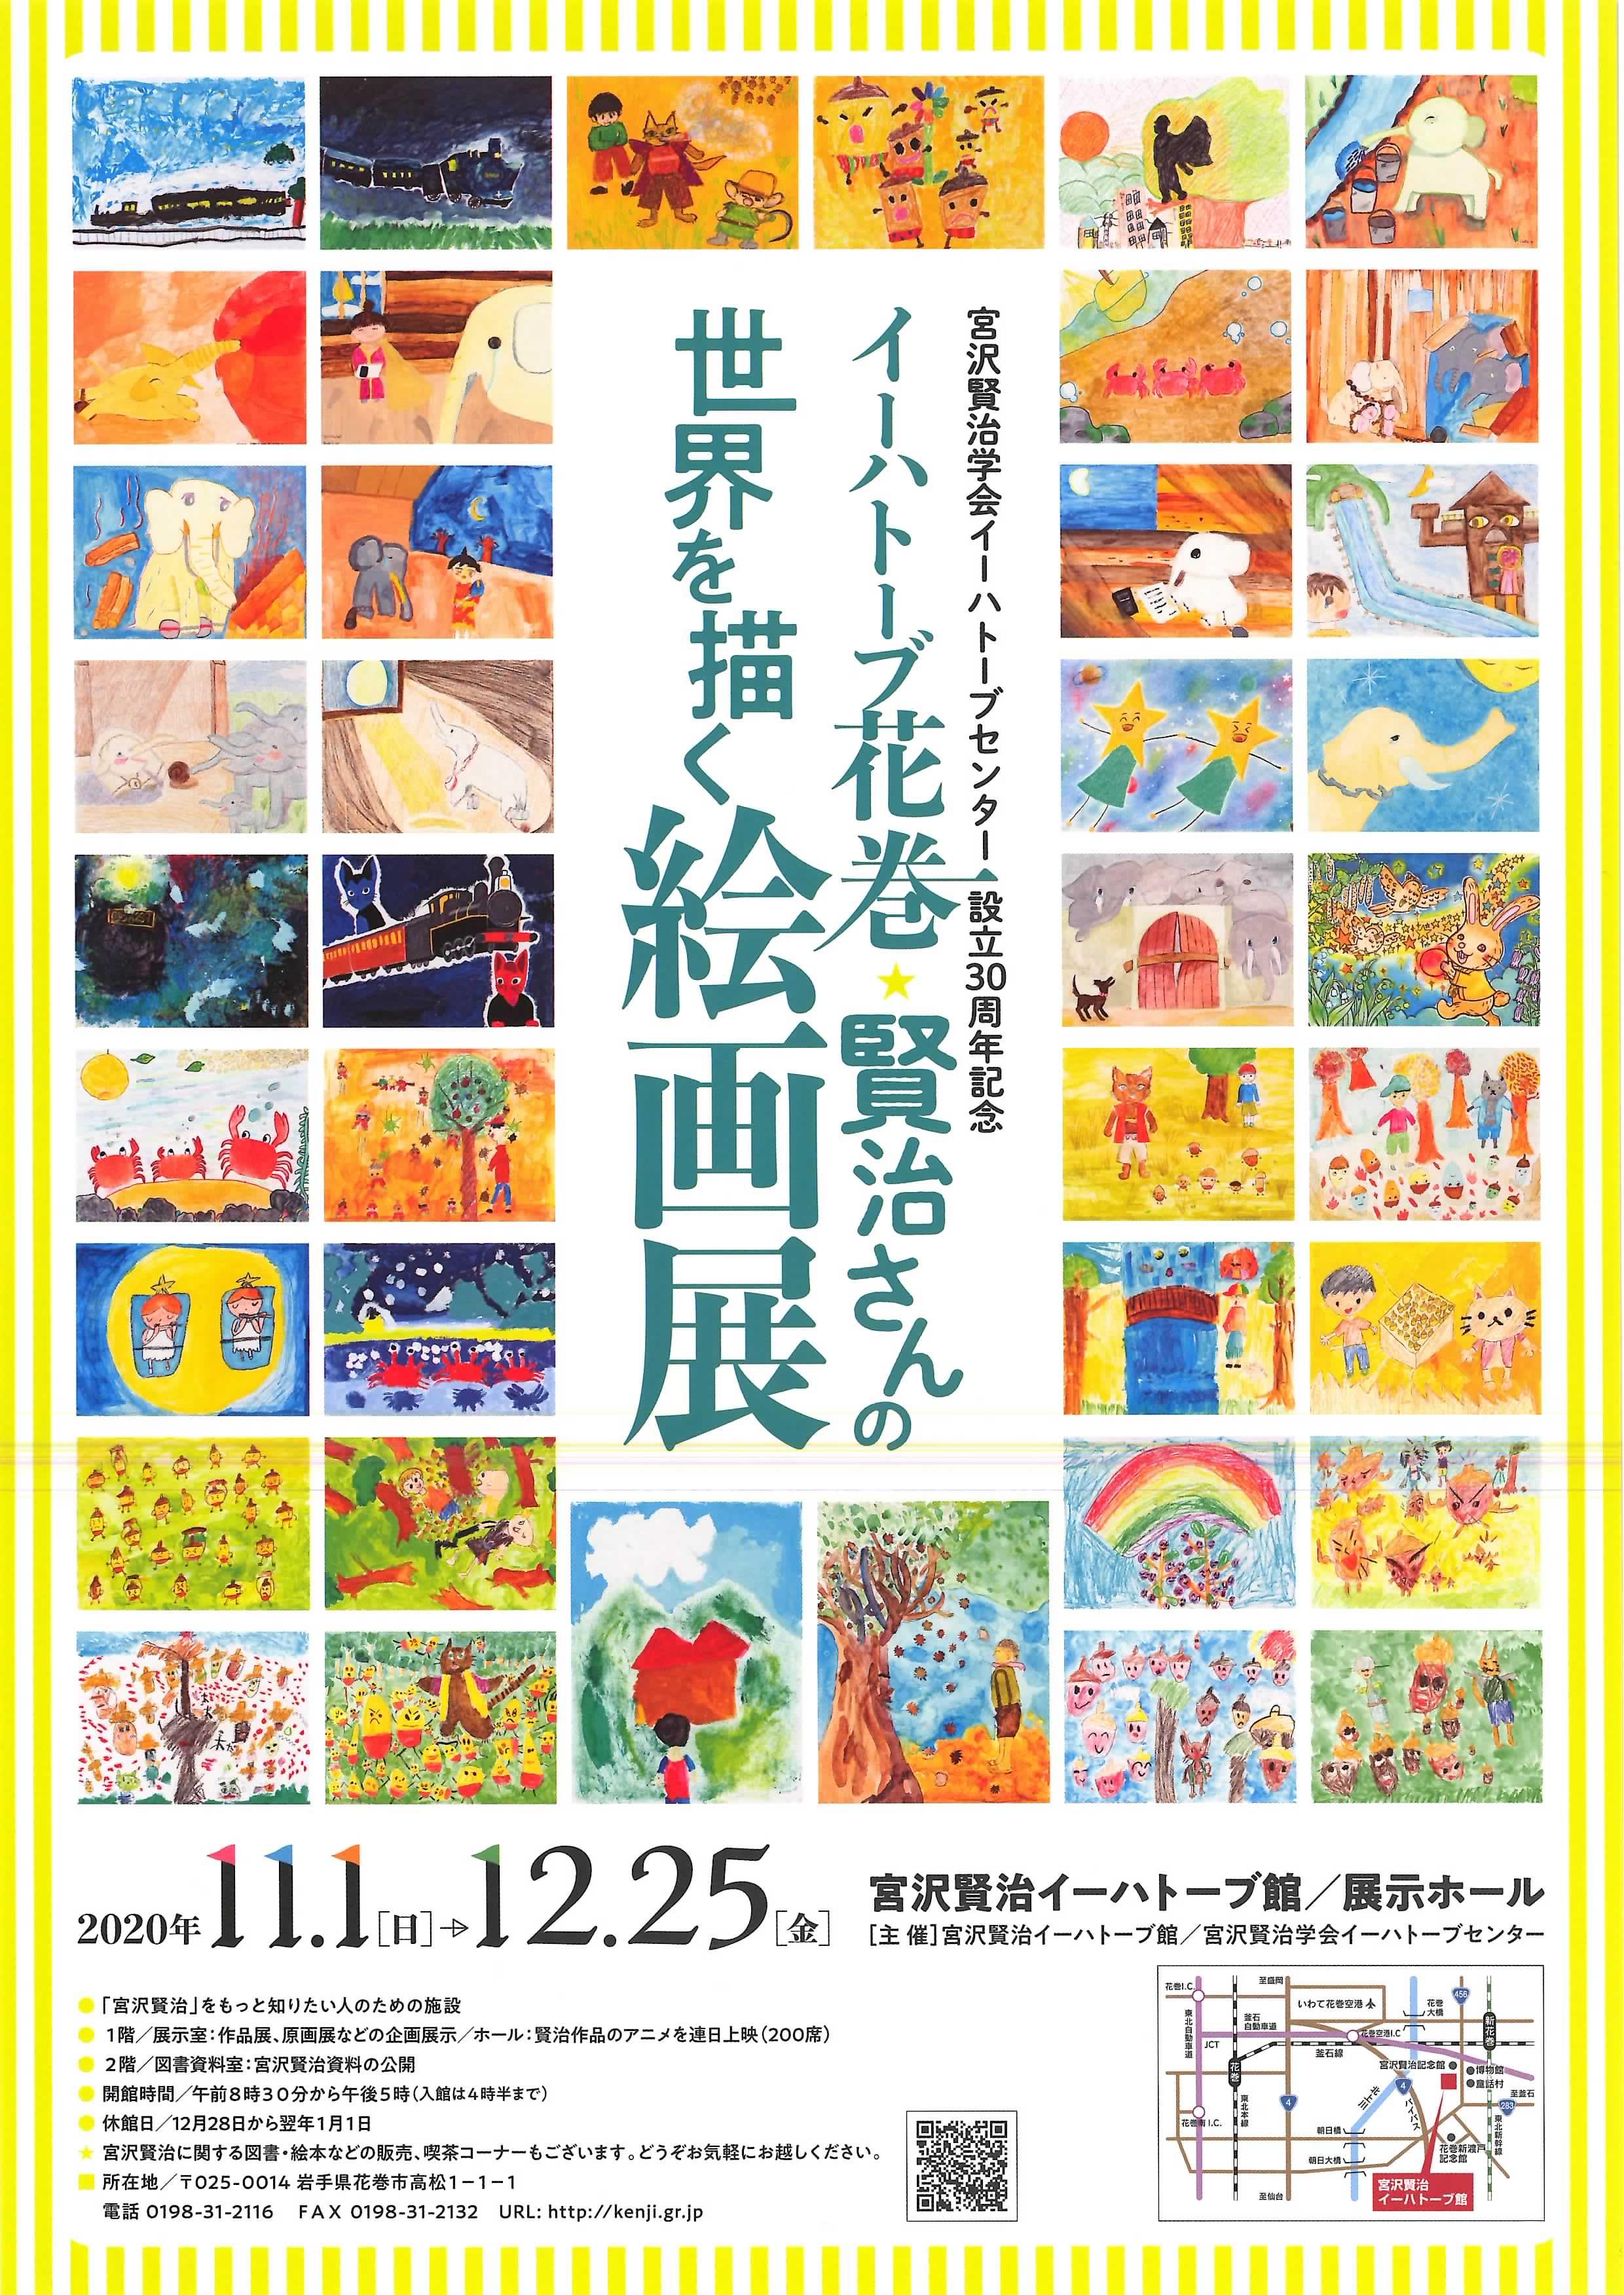 イーハトーブ花巻・賢治さんの世界を描く絵画展チラシ